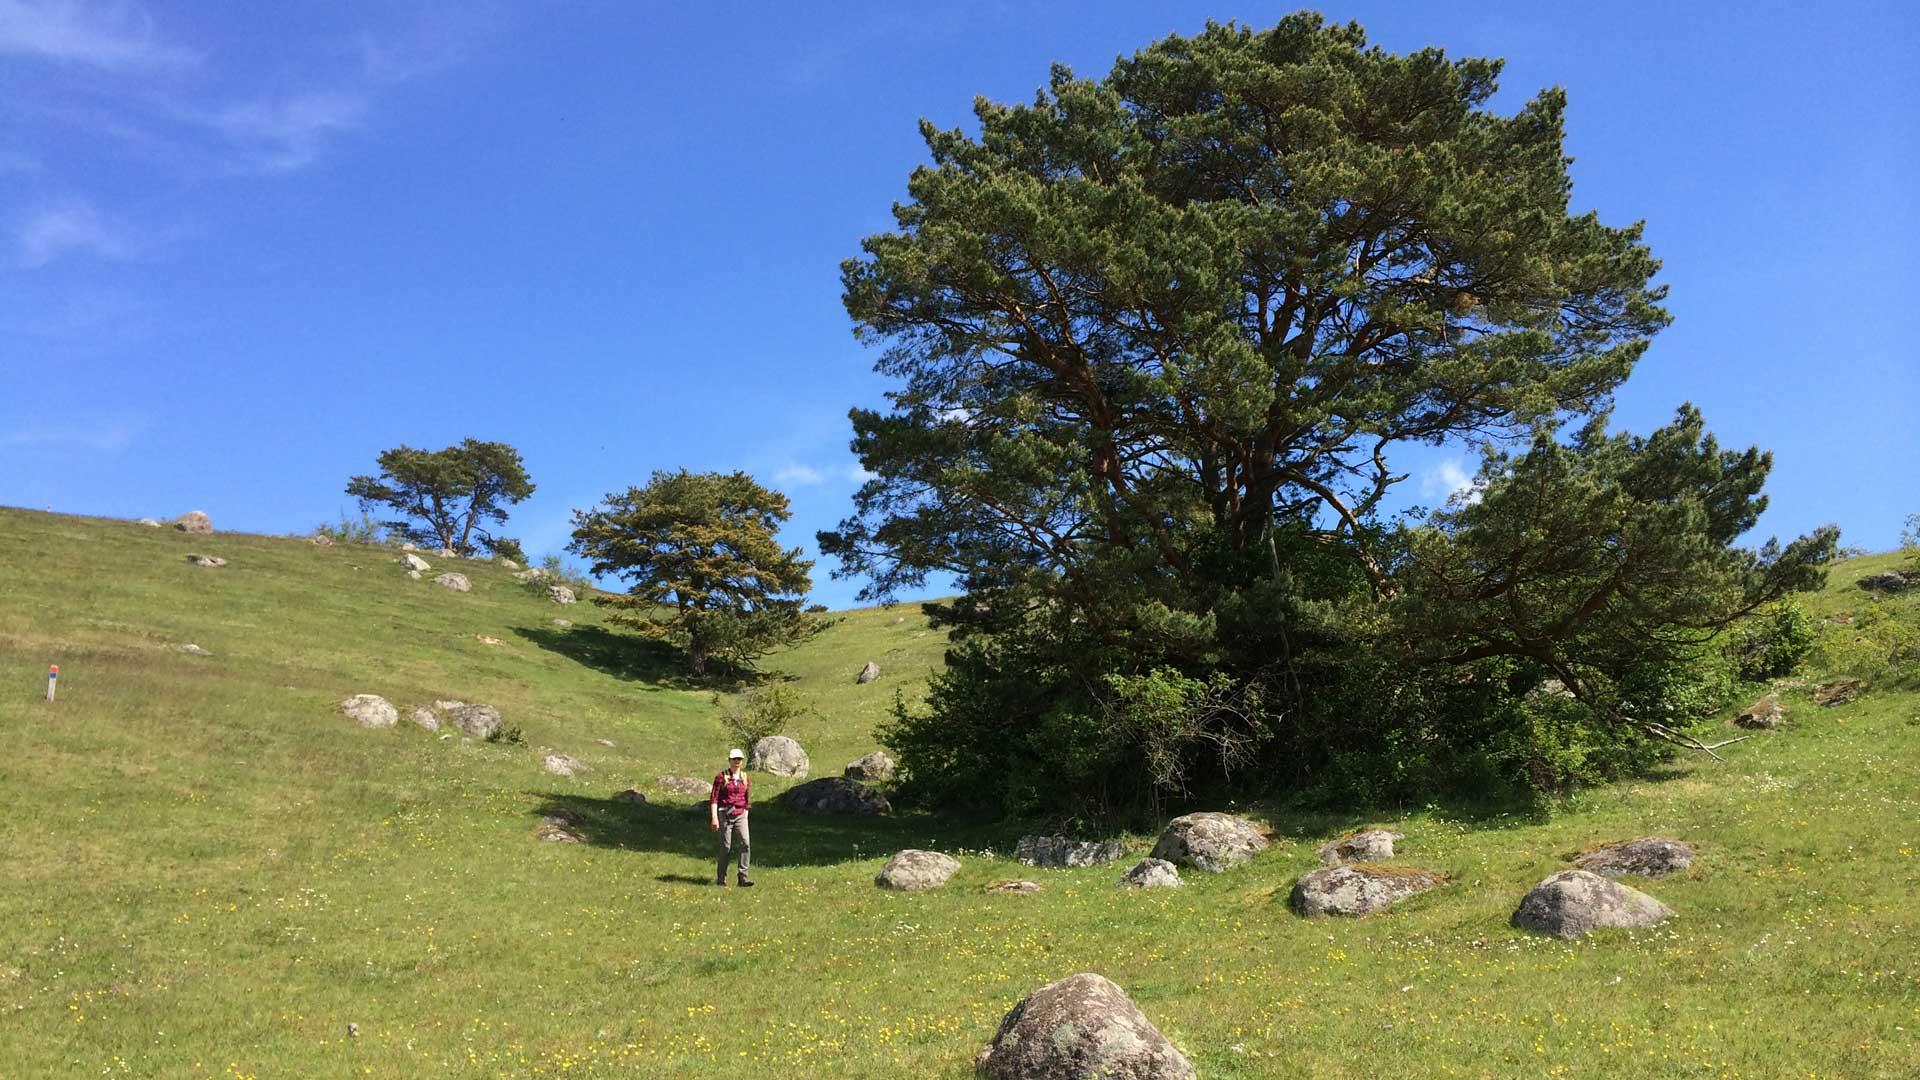 Degeberga backar bjuder på fin vandring. Foto: Karin Magntorn